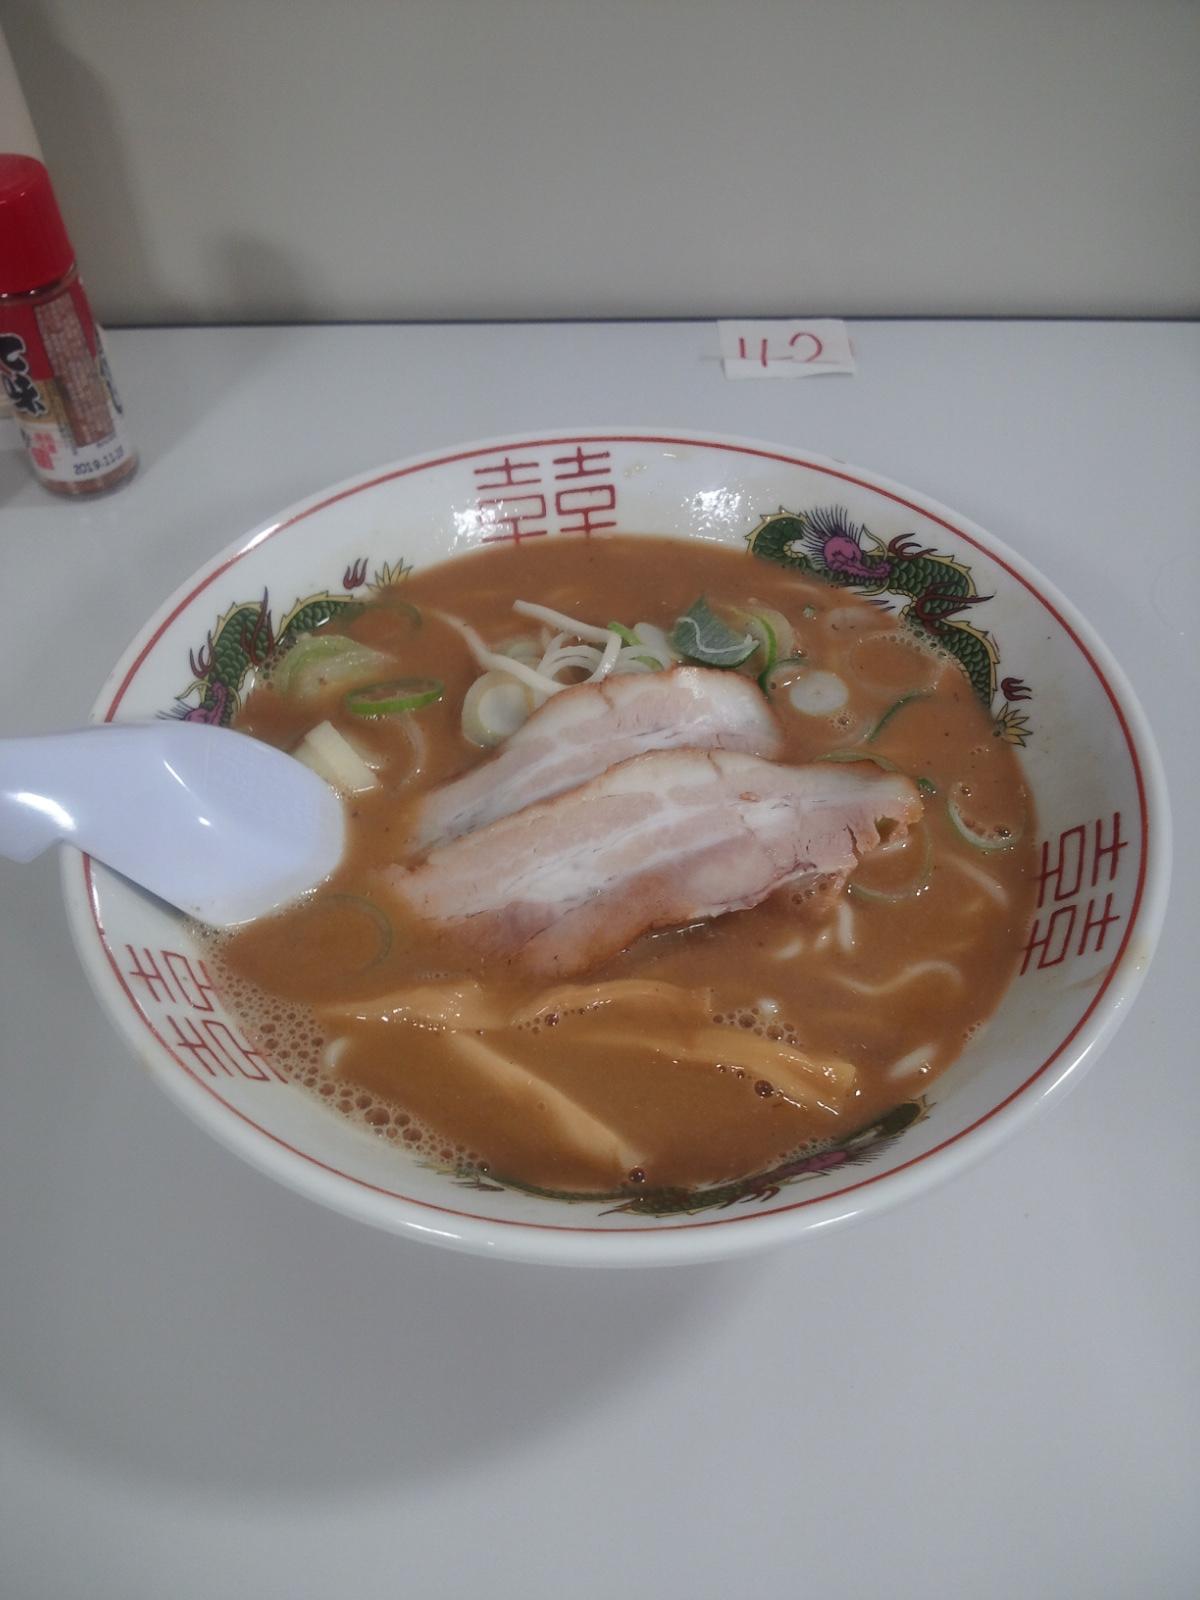 津軽ラーメン(こく煮干し)